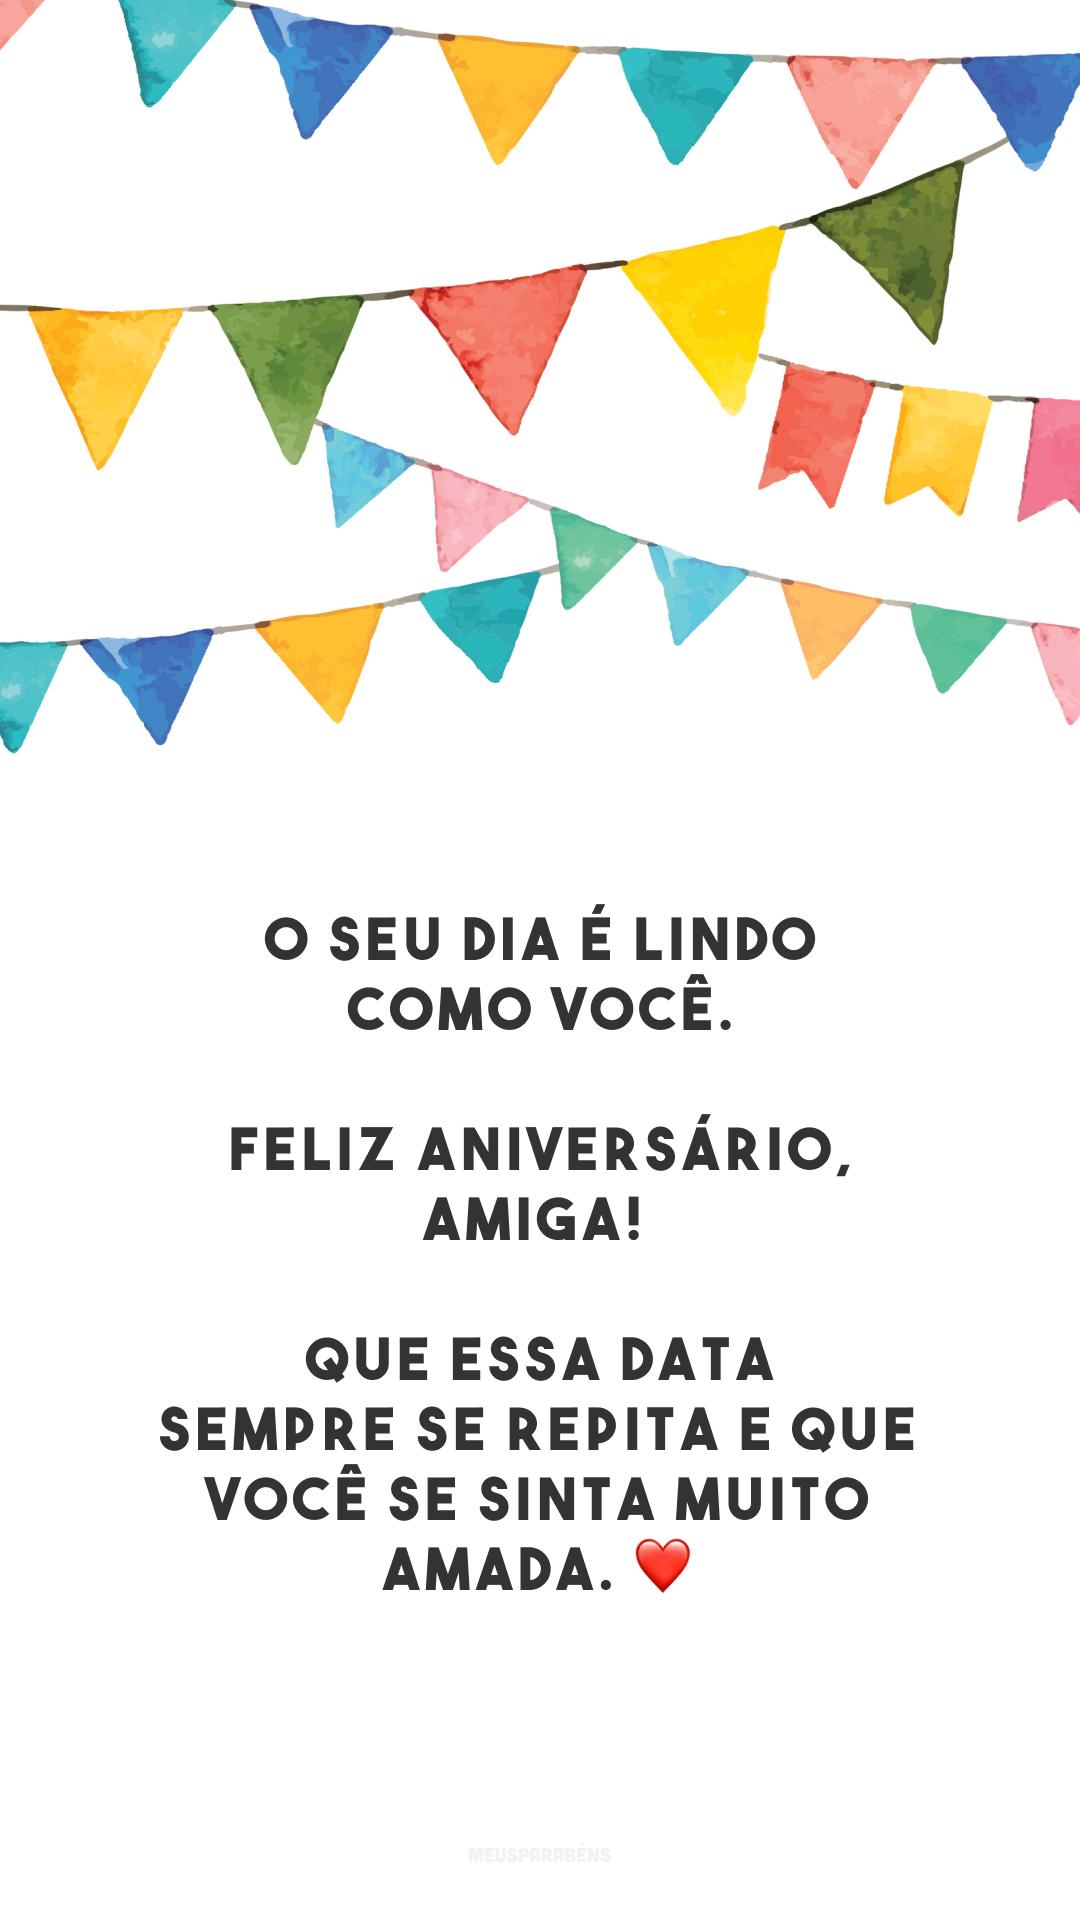 O seu dia é lindo como você. Feliz aniversário, amiga! Que essa data sempre se repita e que você se sinta muito amada. ❤️